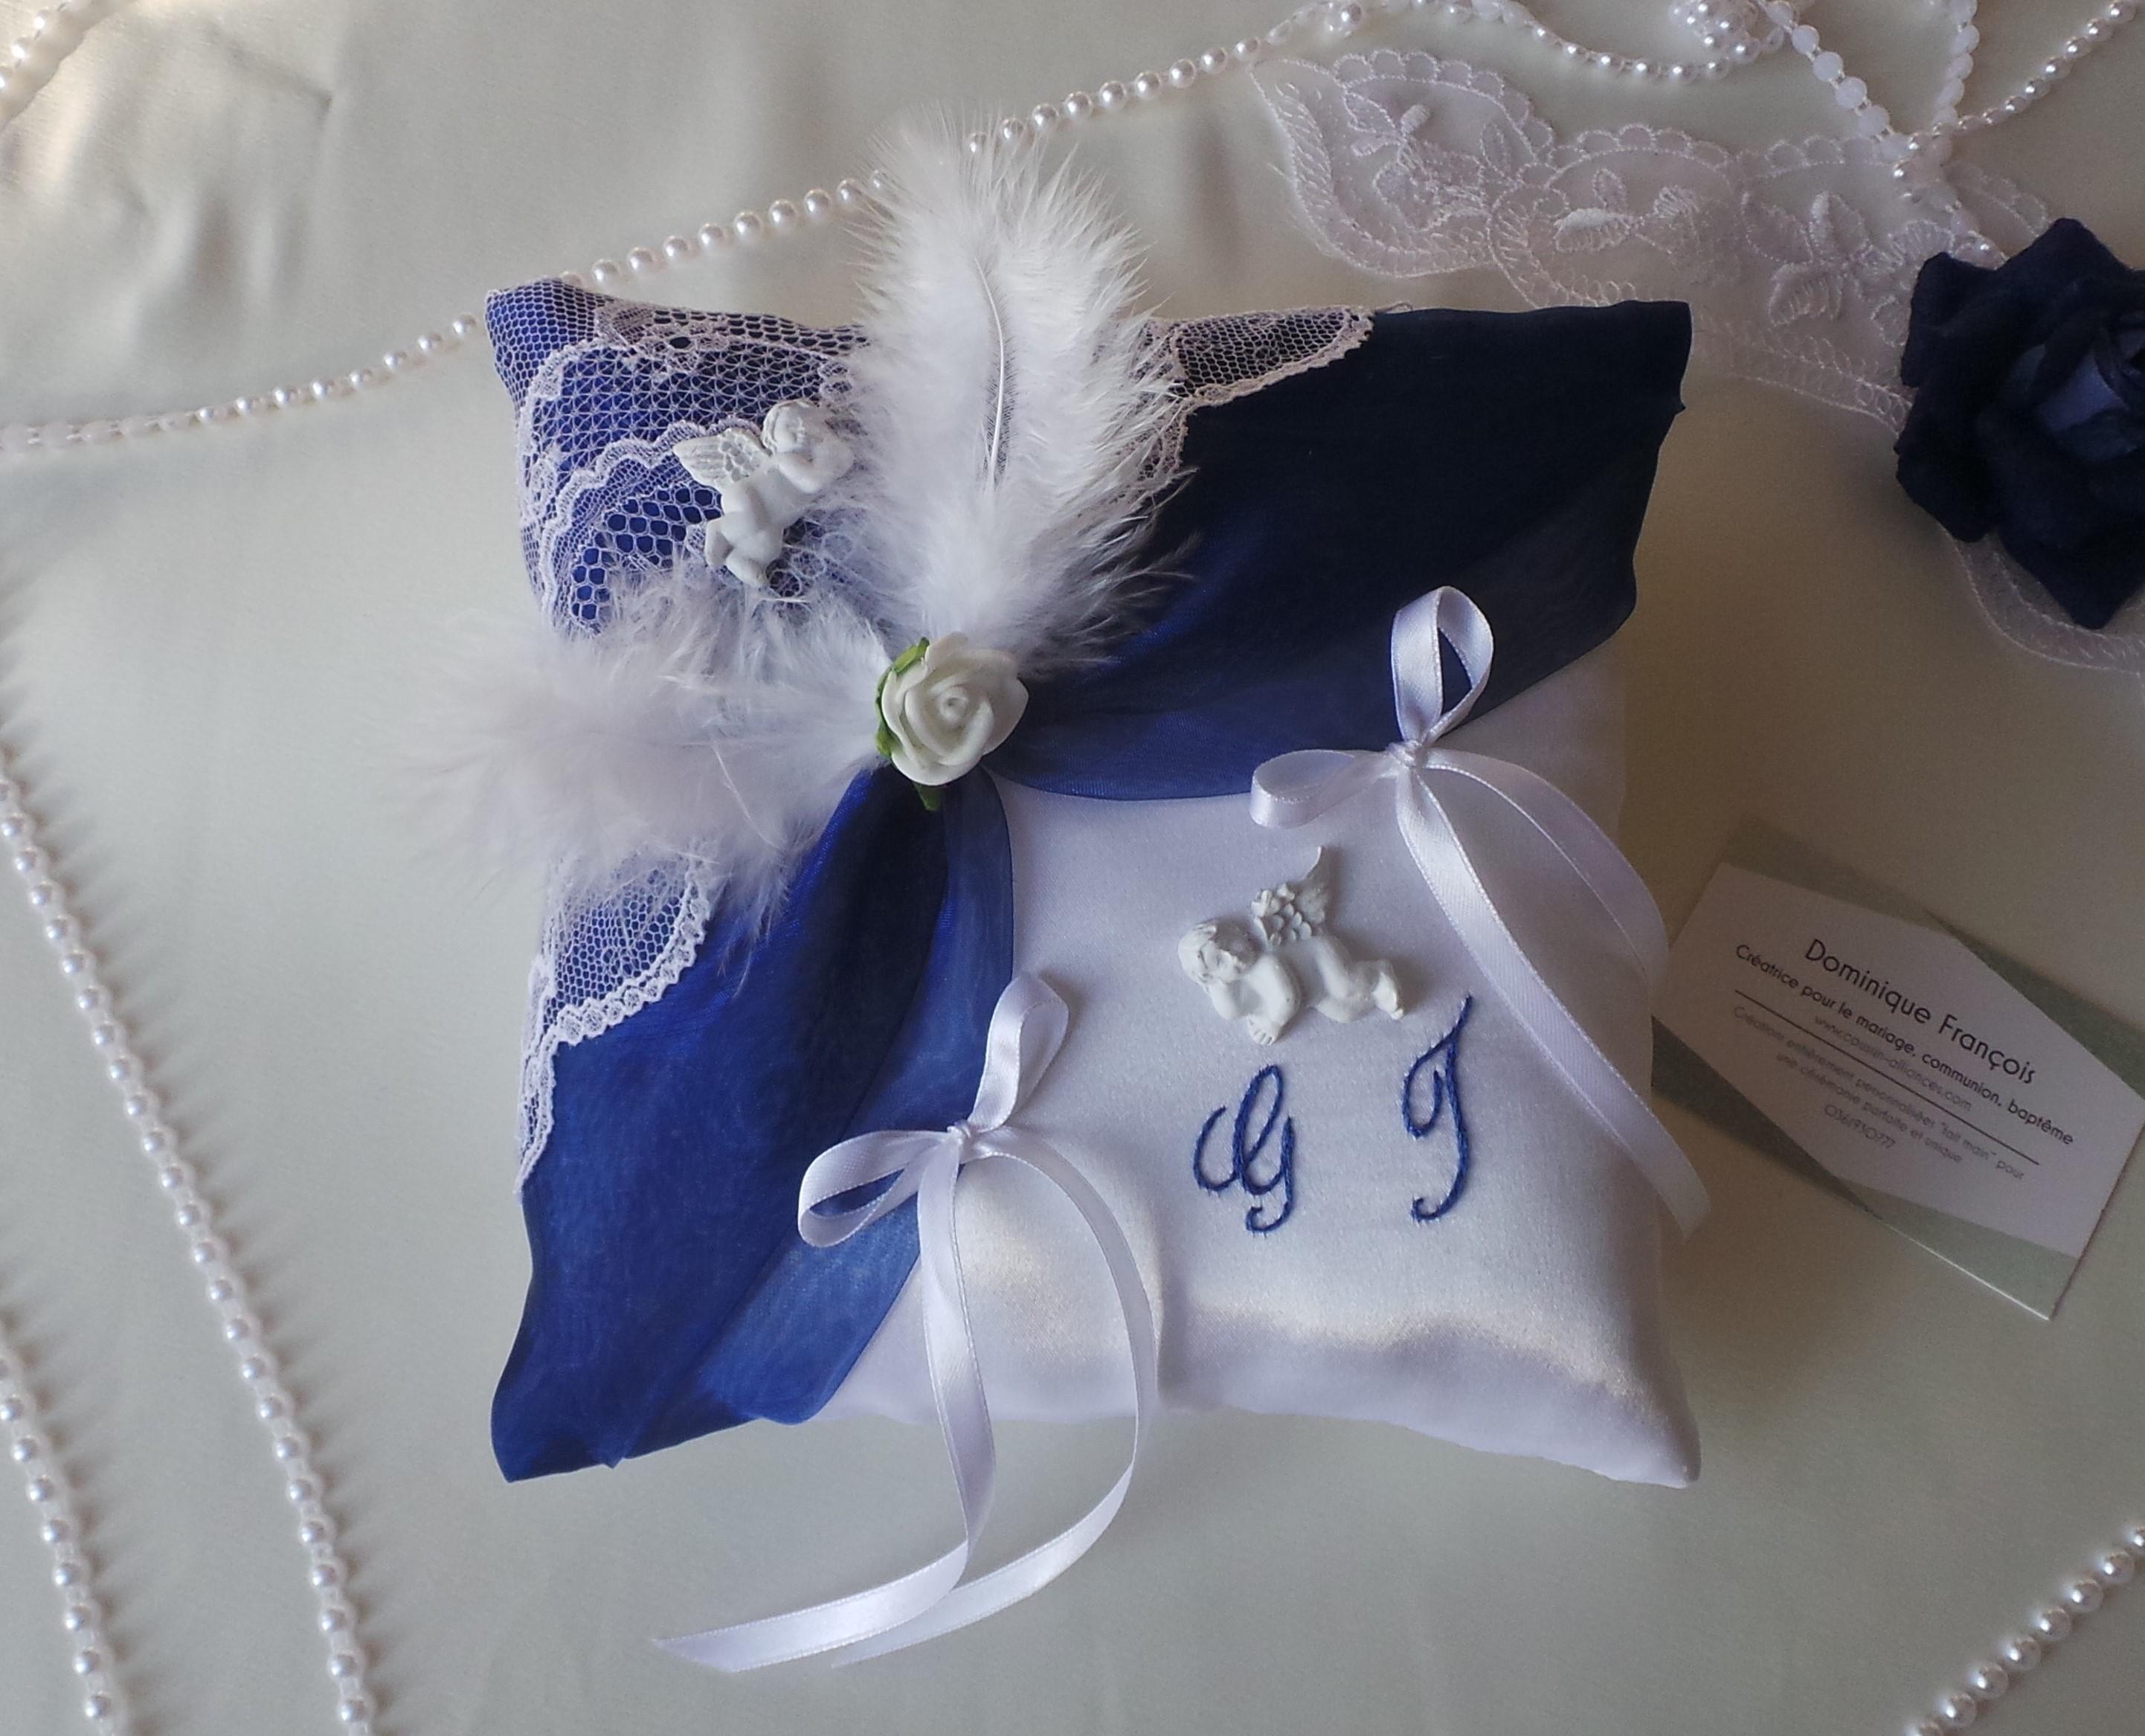 Coussin mariage bleu roi blanc thème ange (1)